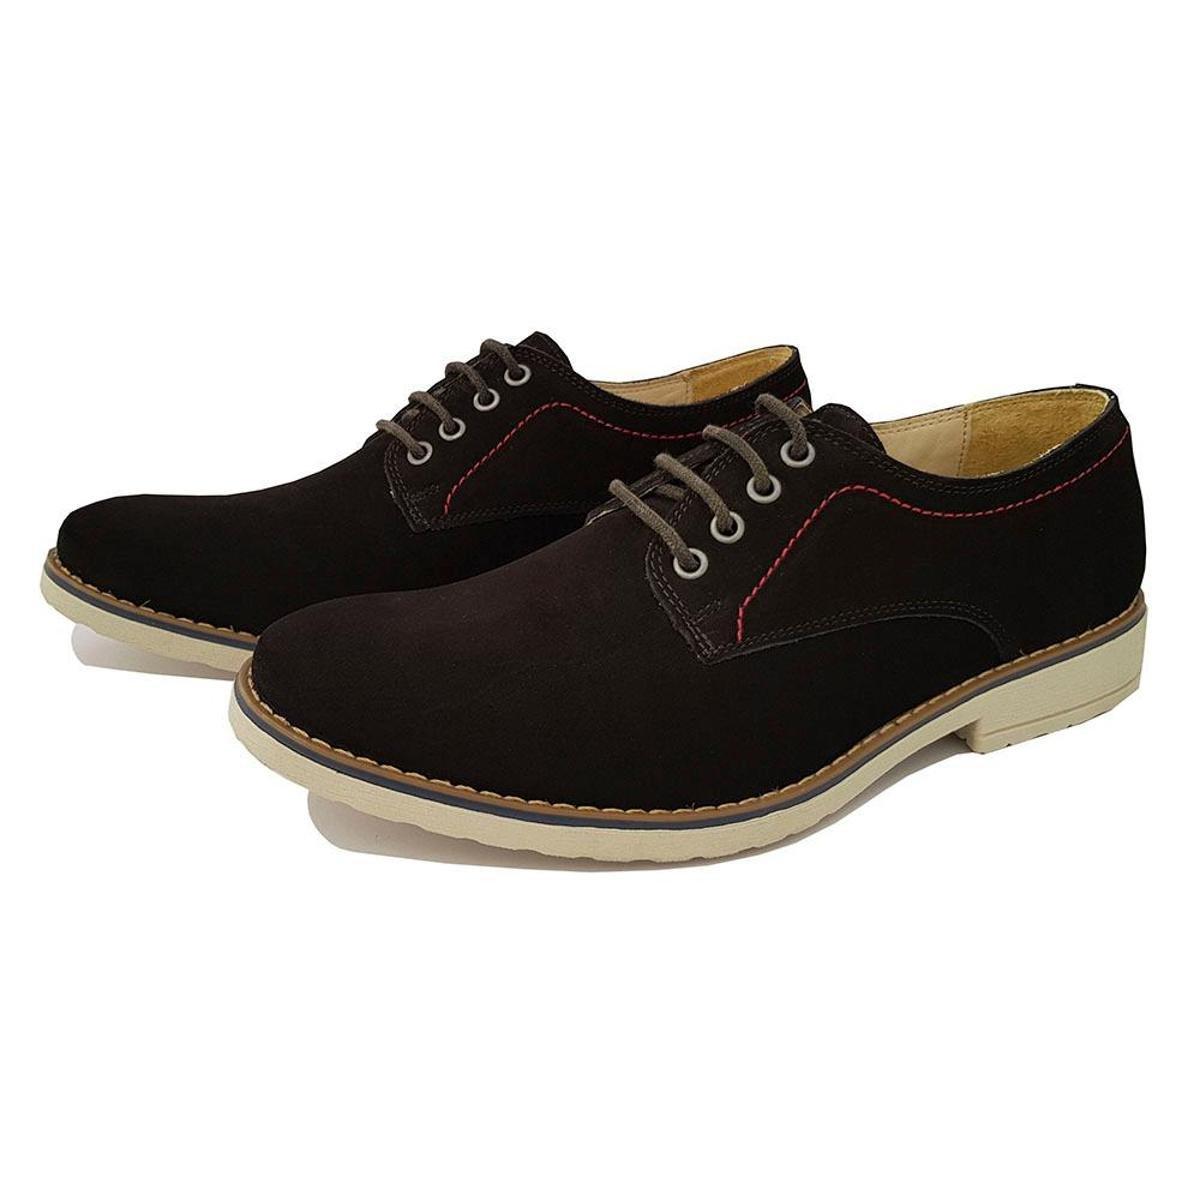 Masculino Modern Sapato Preto Casual Sapato Casual Sartre Bic qanPYI